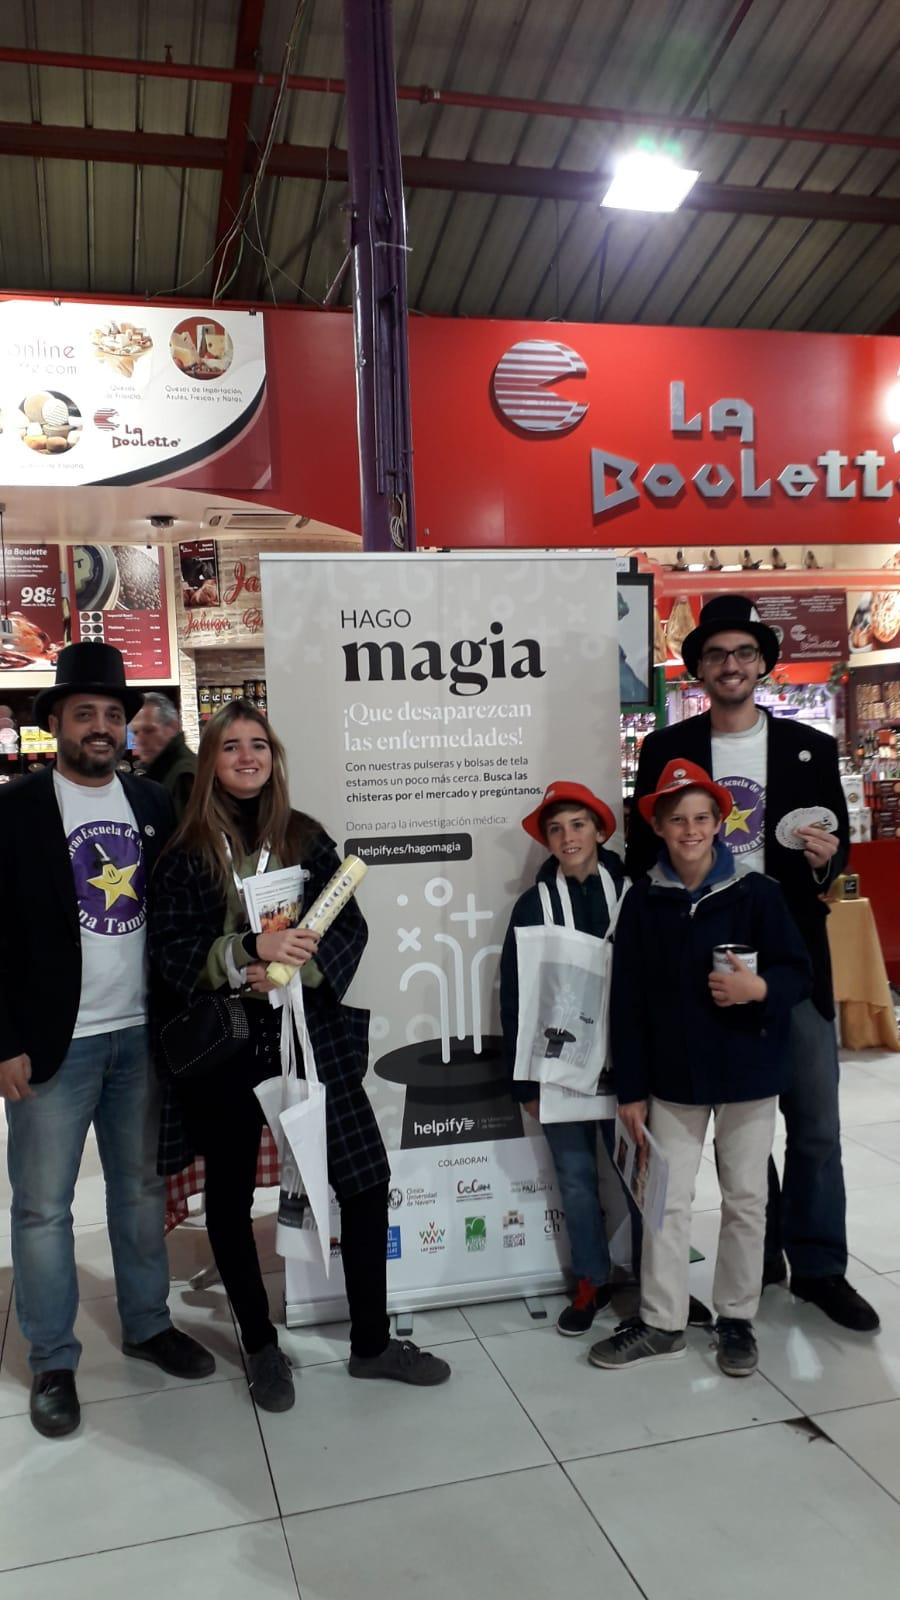 Hago Magia en Madrid con la Gran Escuela de Magos Ana Tamariz. Helpify